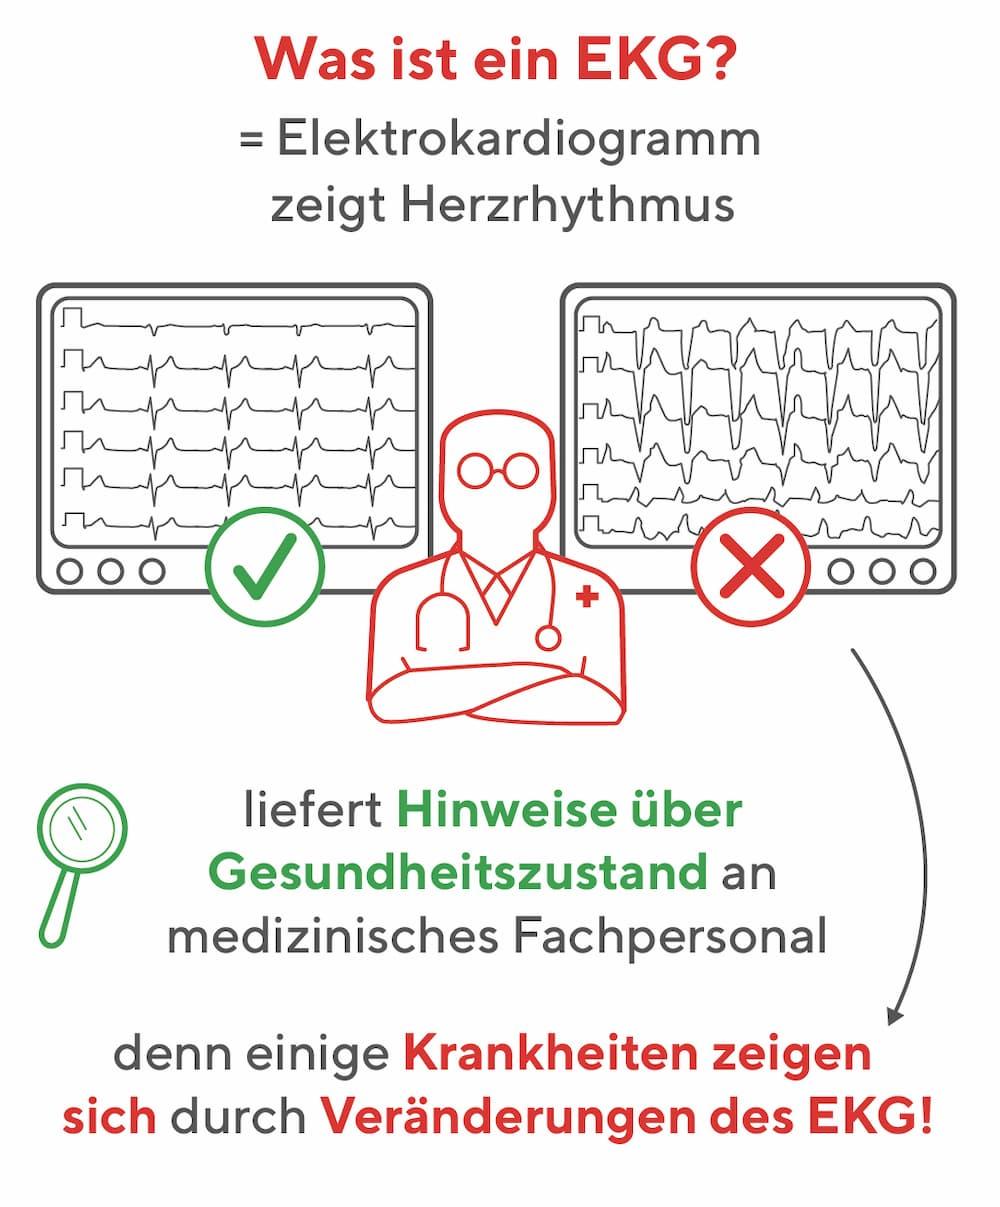 Was ist ein EKG?